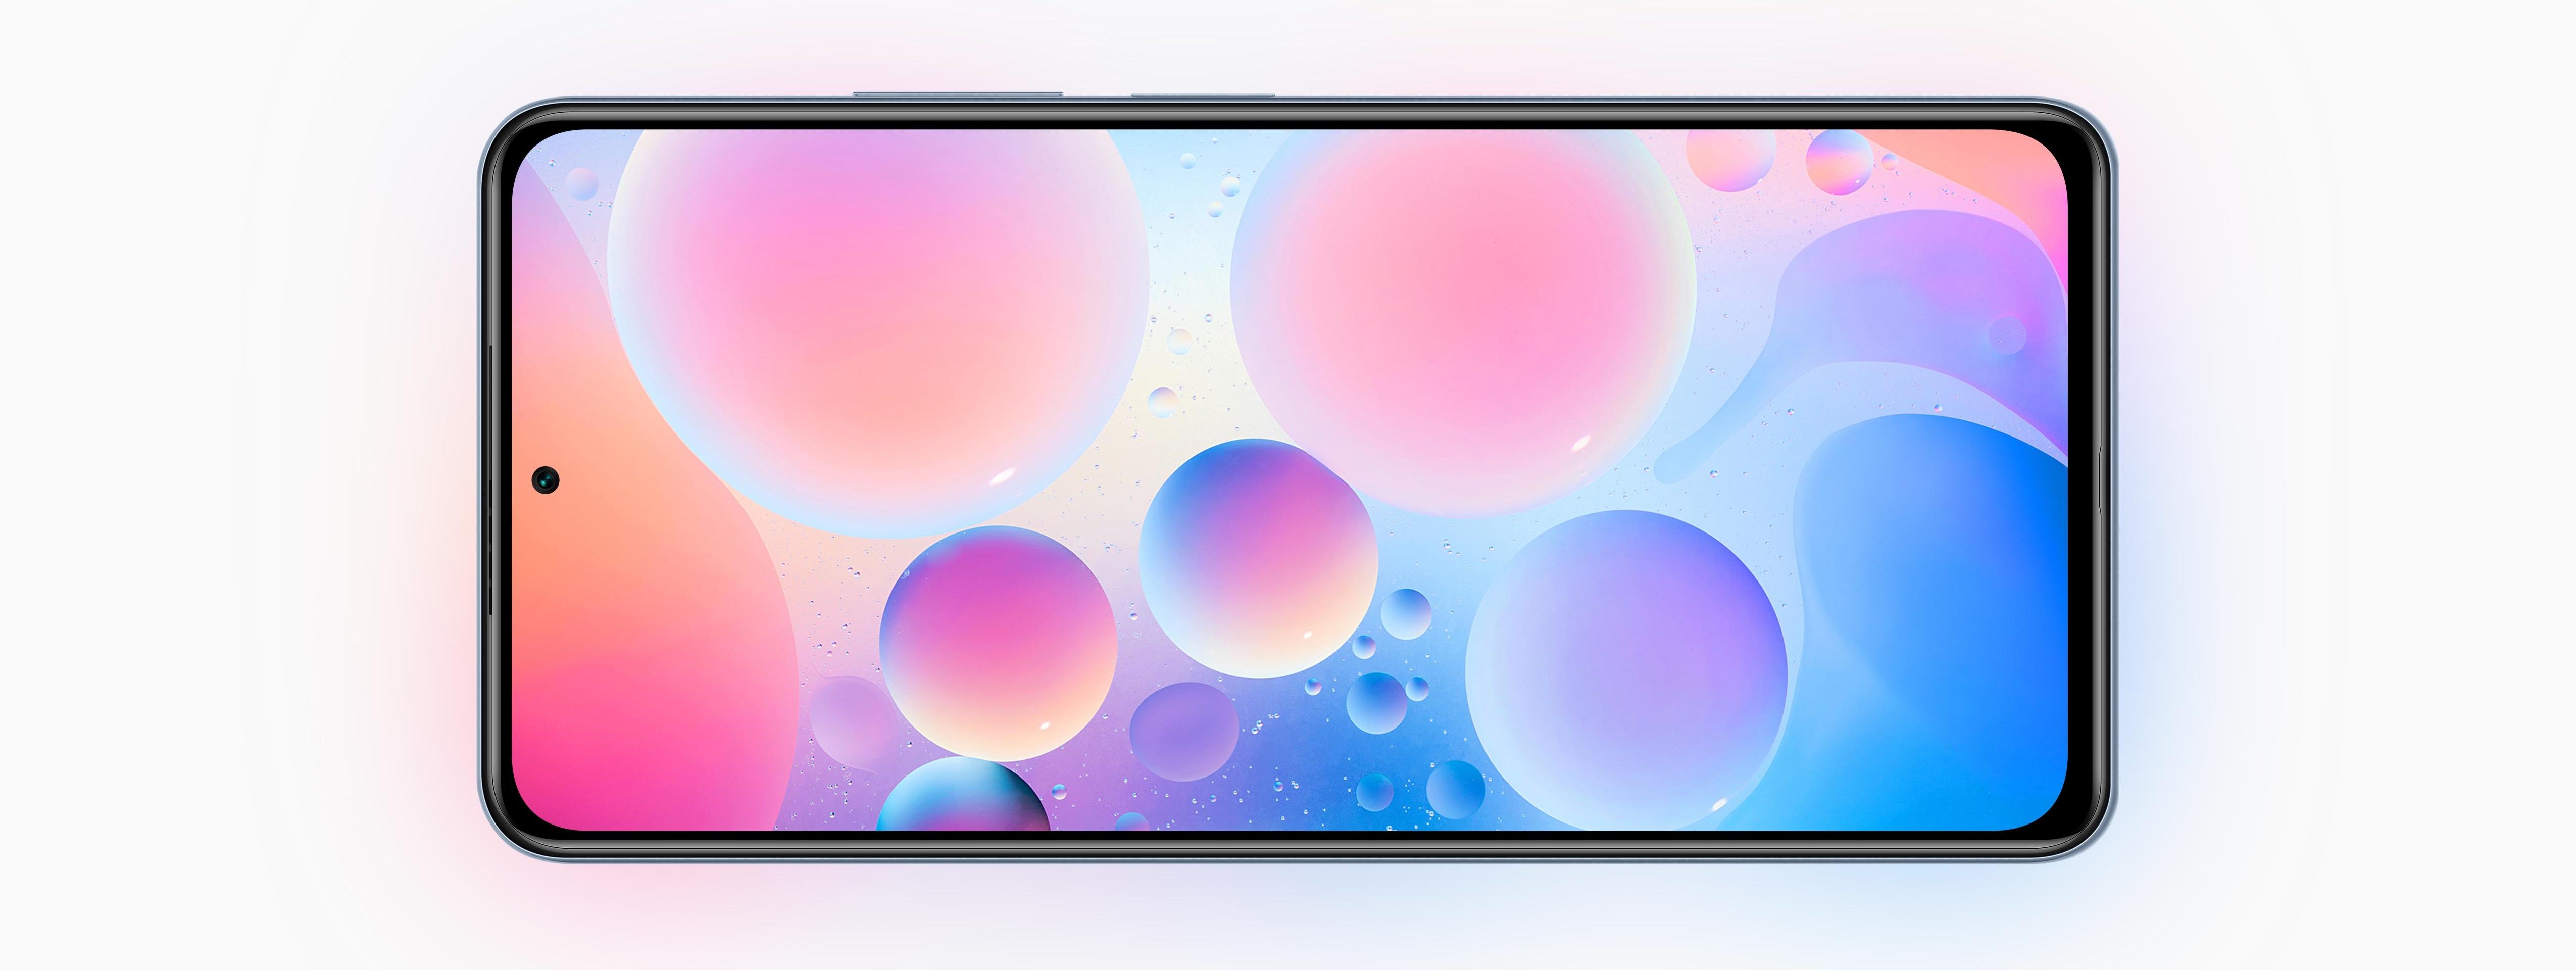 smartfon dla graczy marki Redmi zaoferuje ekran E4 AMOLED jak Redmi K40